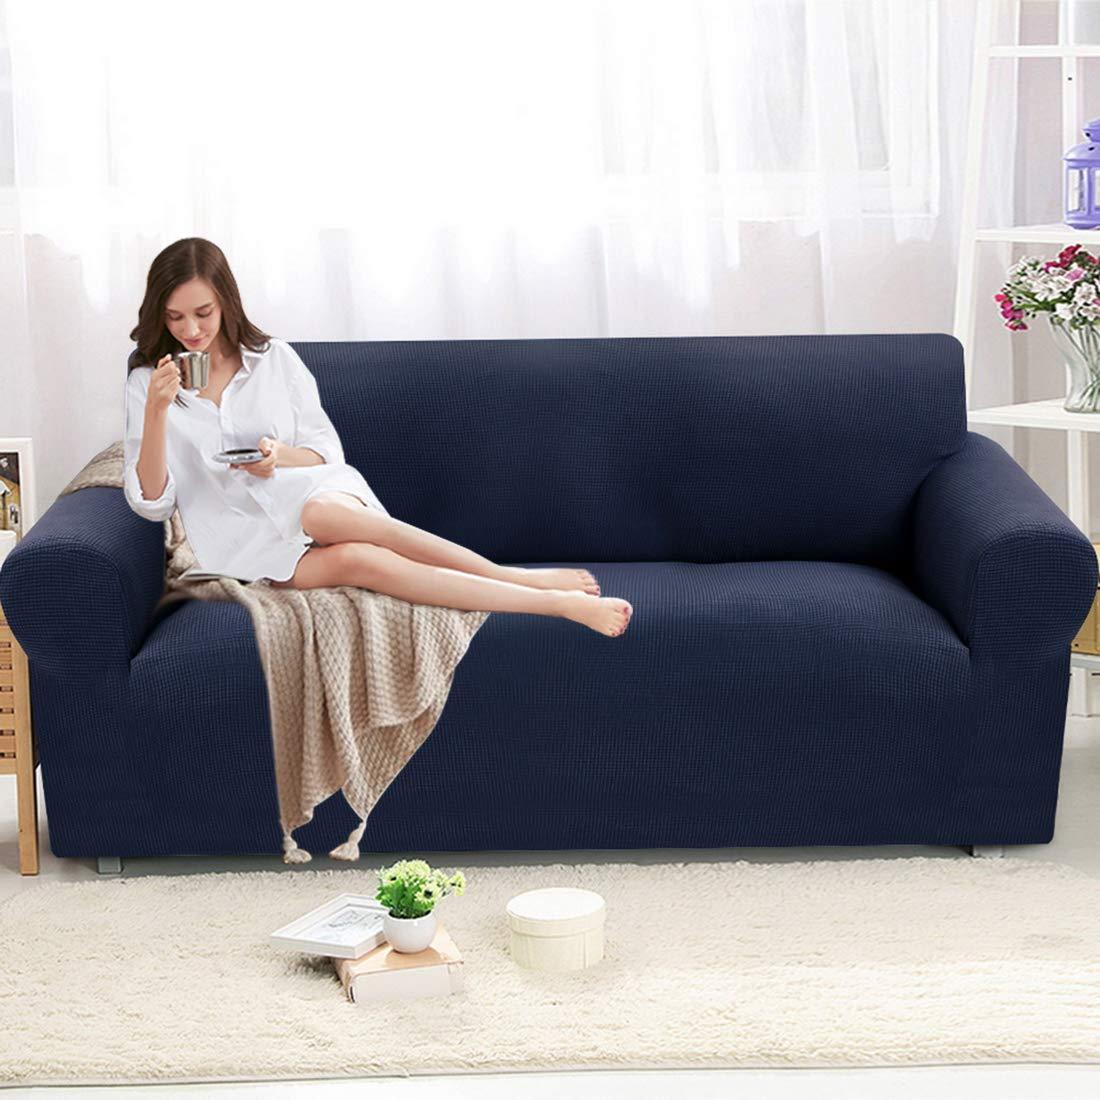 Fundas de Sofás Elástica de Punto 3 Plazas Universal Protector del sofá Se Adapta a Toda la Tela Cubierta Cubierta de Muebles Elegante y Duradera para ...